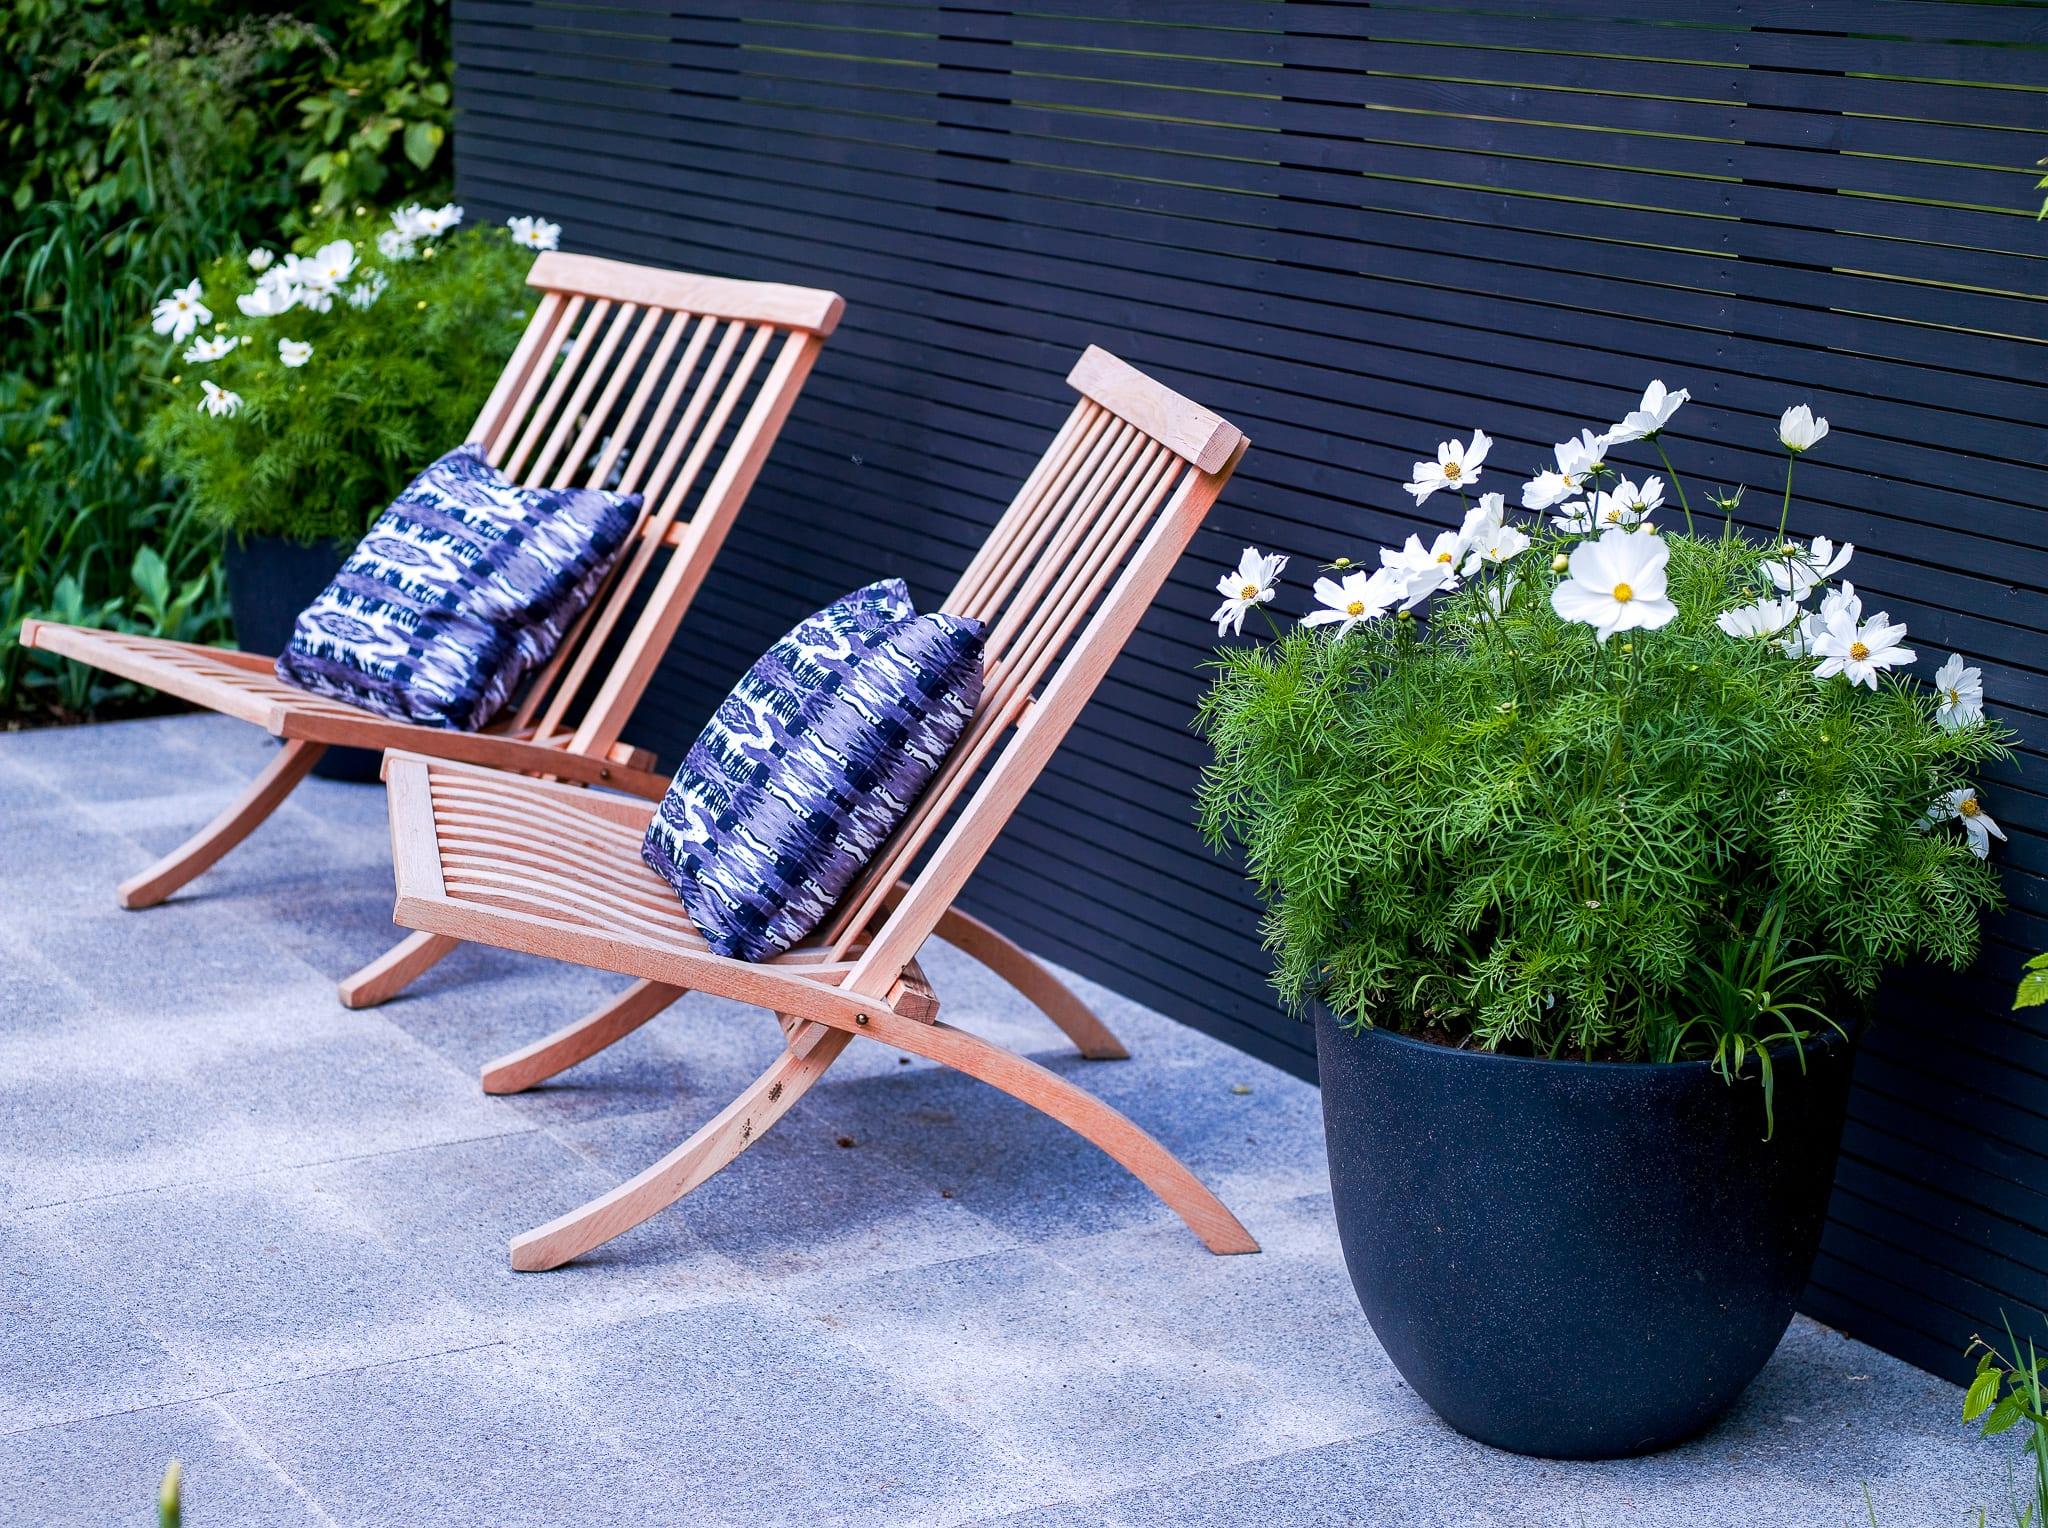 Trädgårdsdesign av trädgårdsdesigner och arkitekt Ulrika Levin.